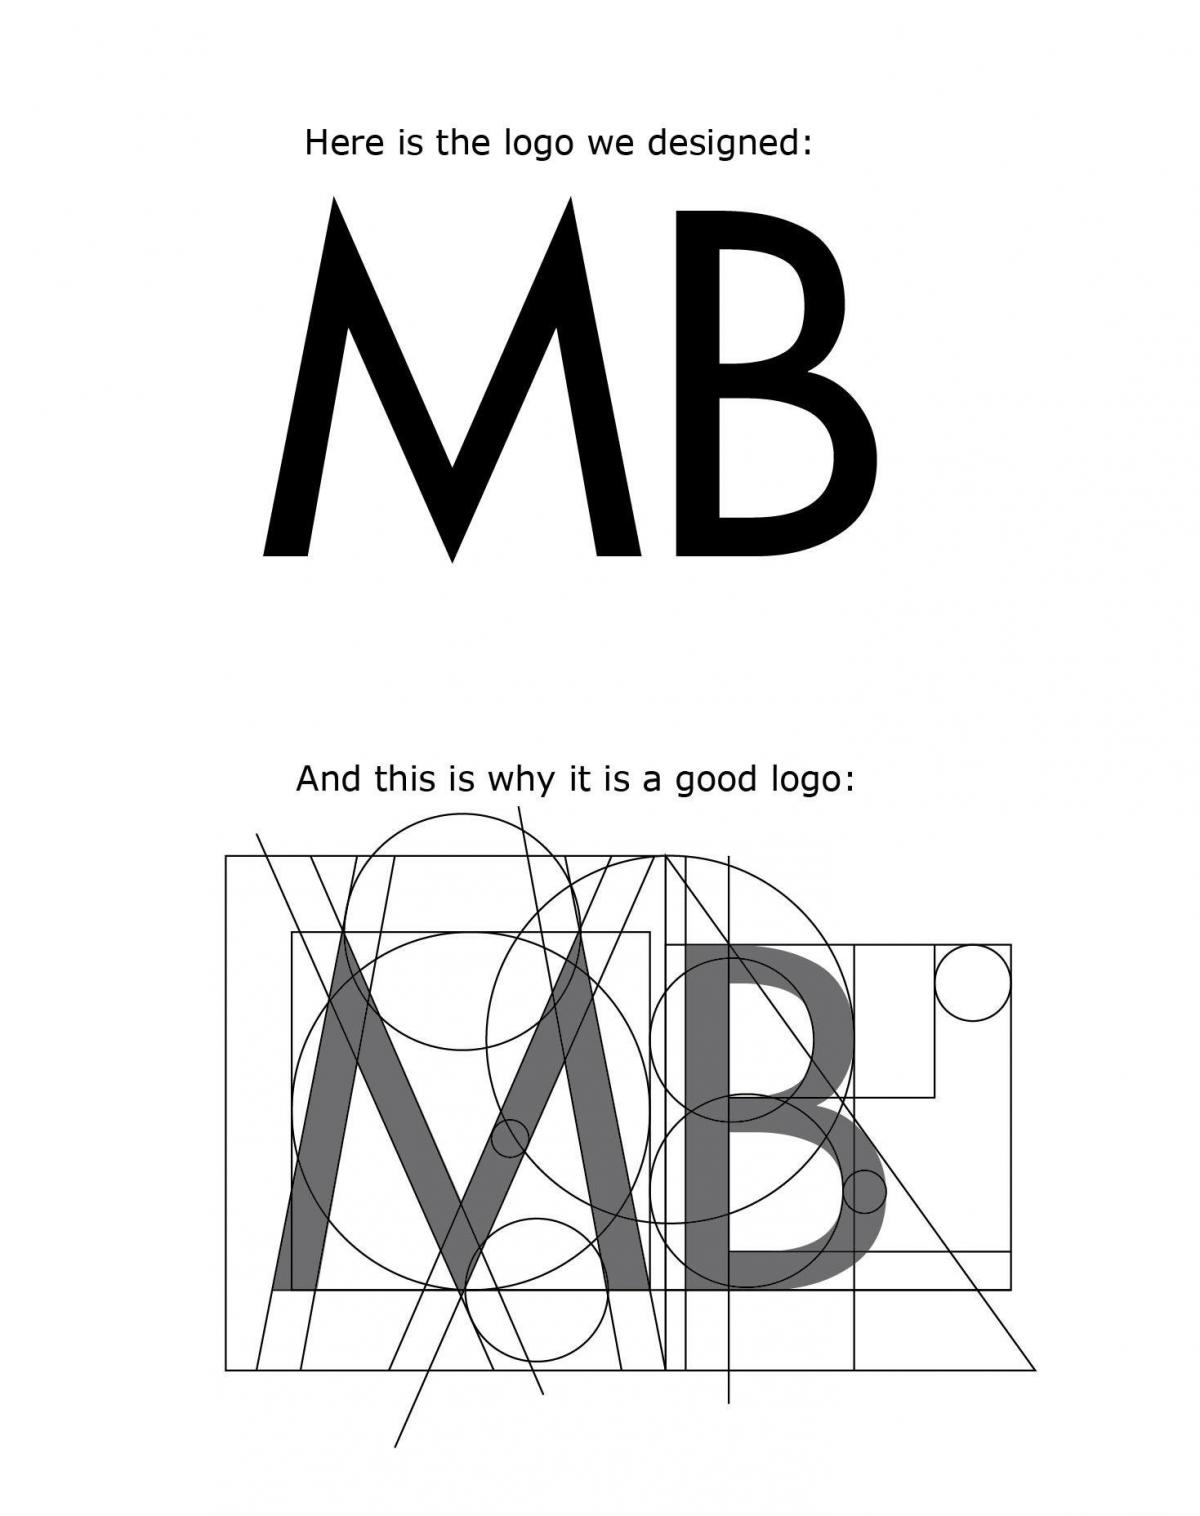 logo-design-grids-1